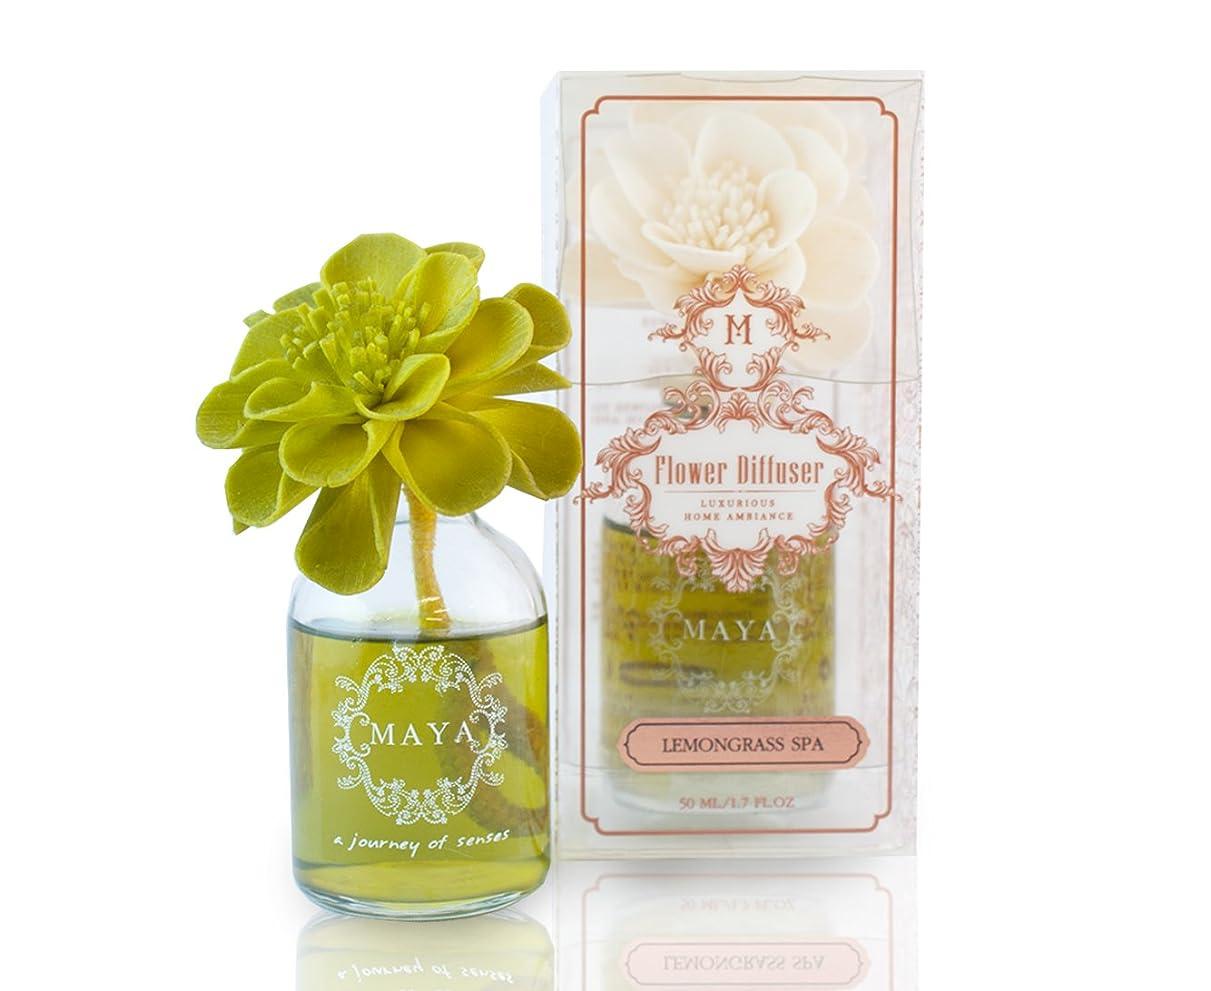 魔術師シャッター減少MAYA フラワーディフューザー レモングラススパ 50ml [並行輸入品] |Aroma Flower Diffuser - Lemongrass Spa 50ml